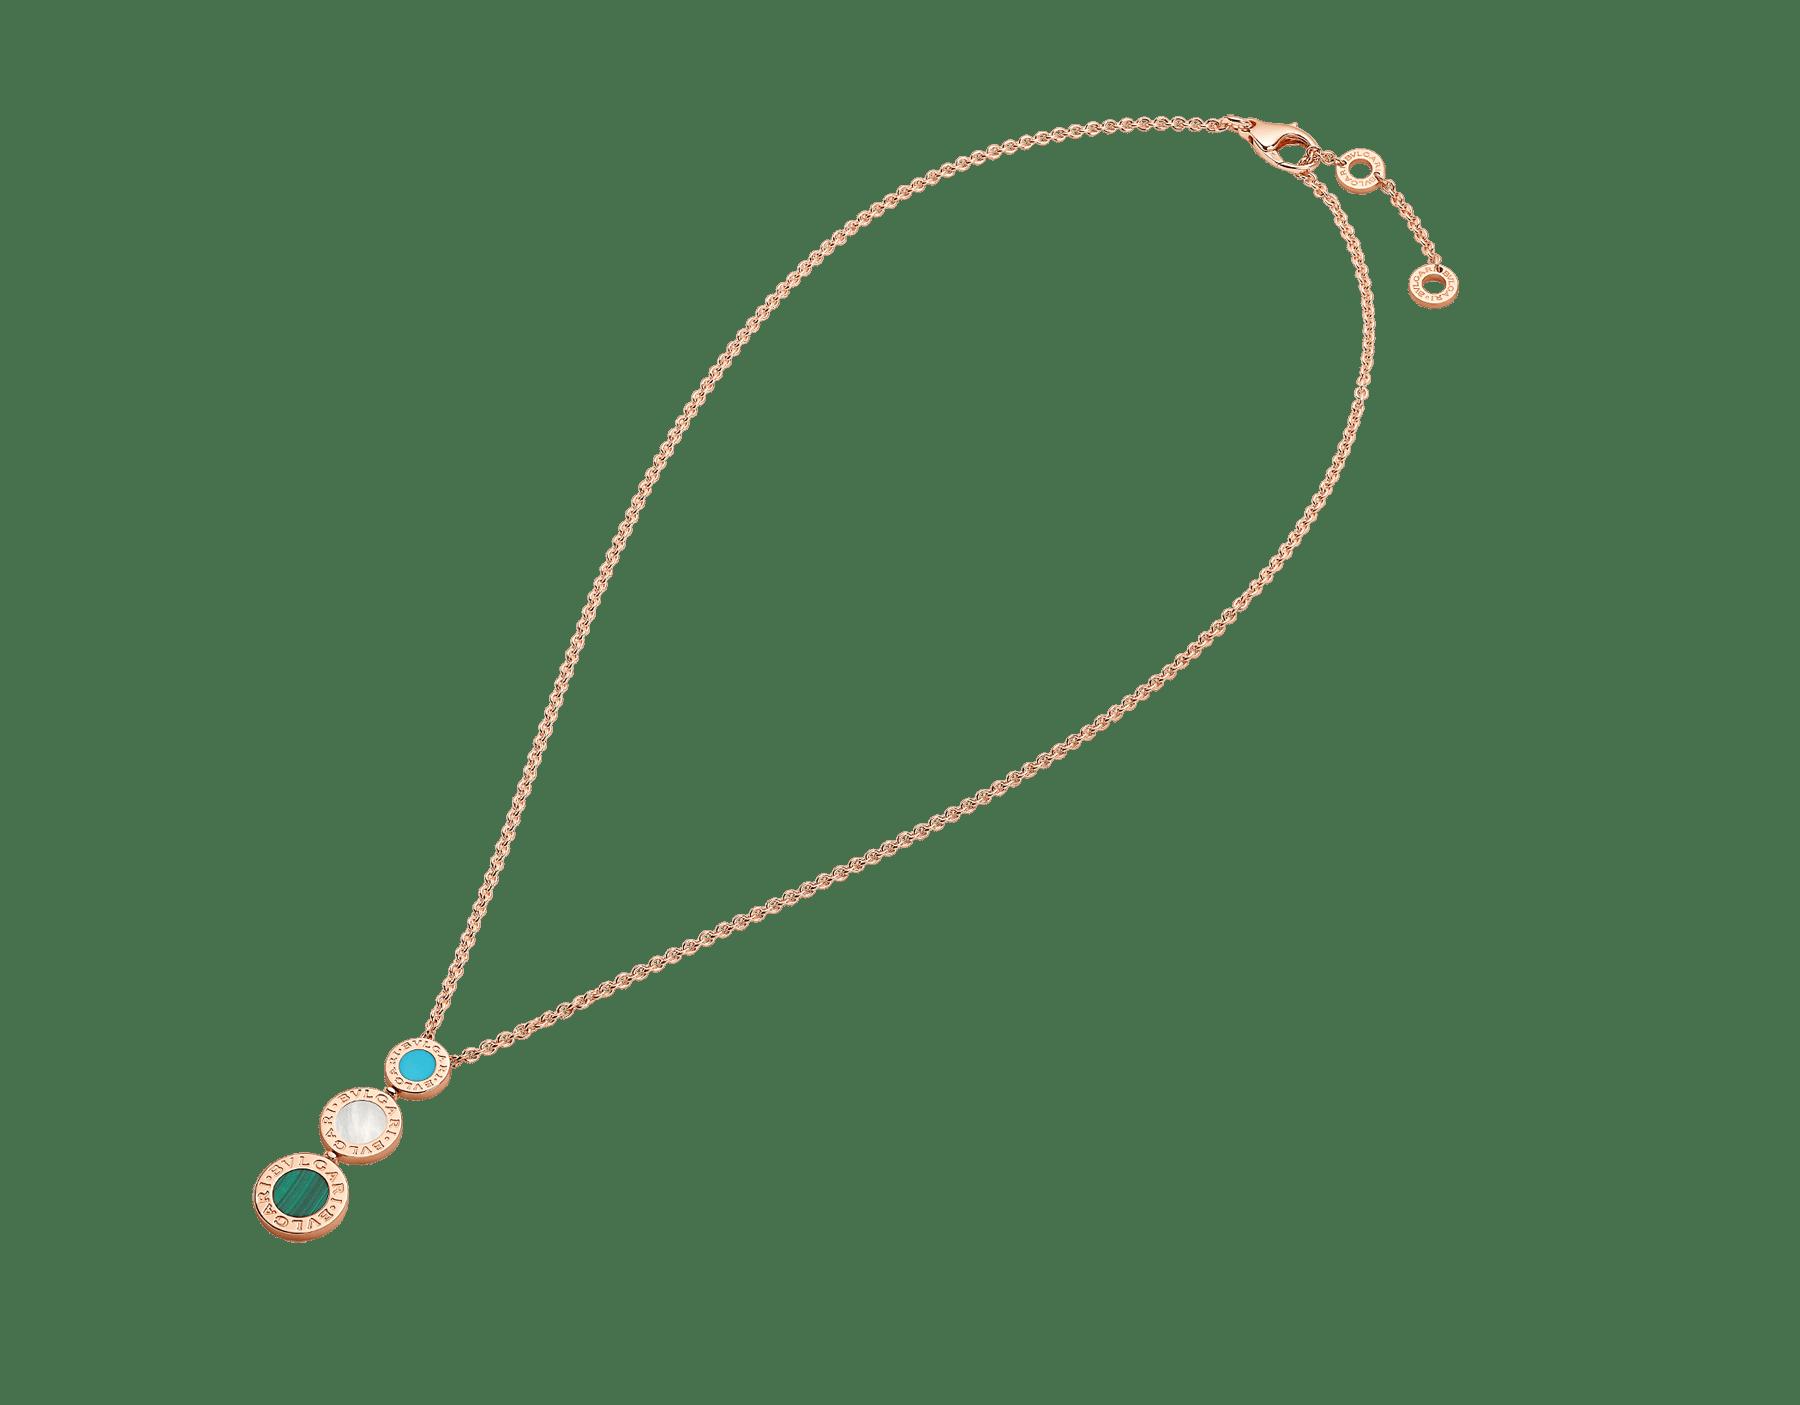 Colar BVLGARIBVLGARI em ouro rosa 18K cravejado com elementos de malaquita e madrepérola 356933 image 2